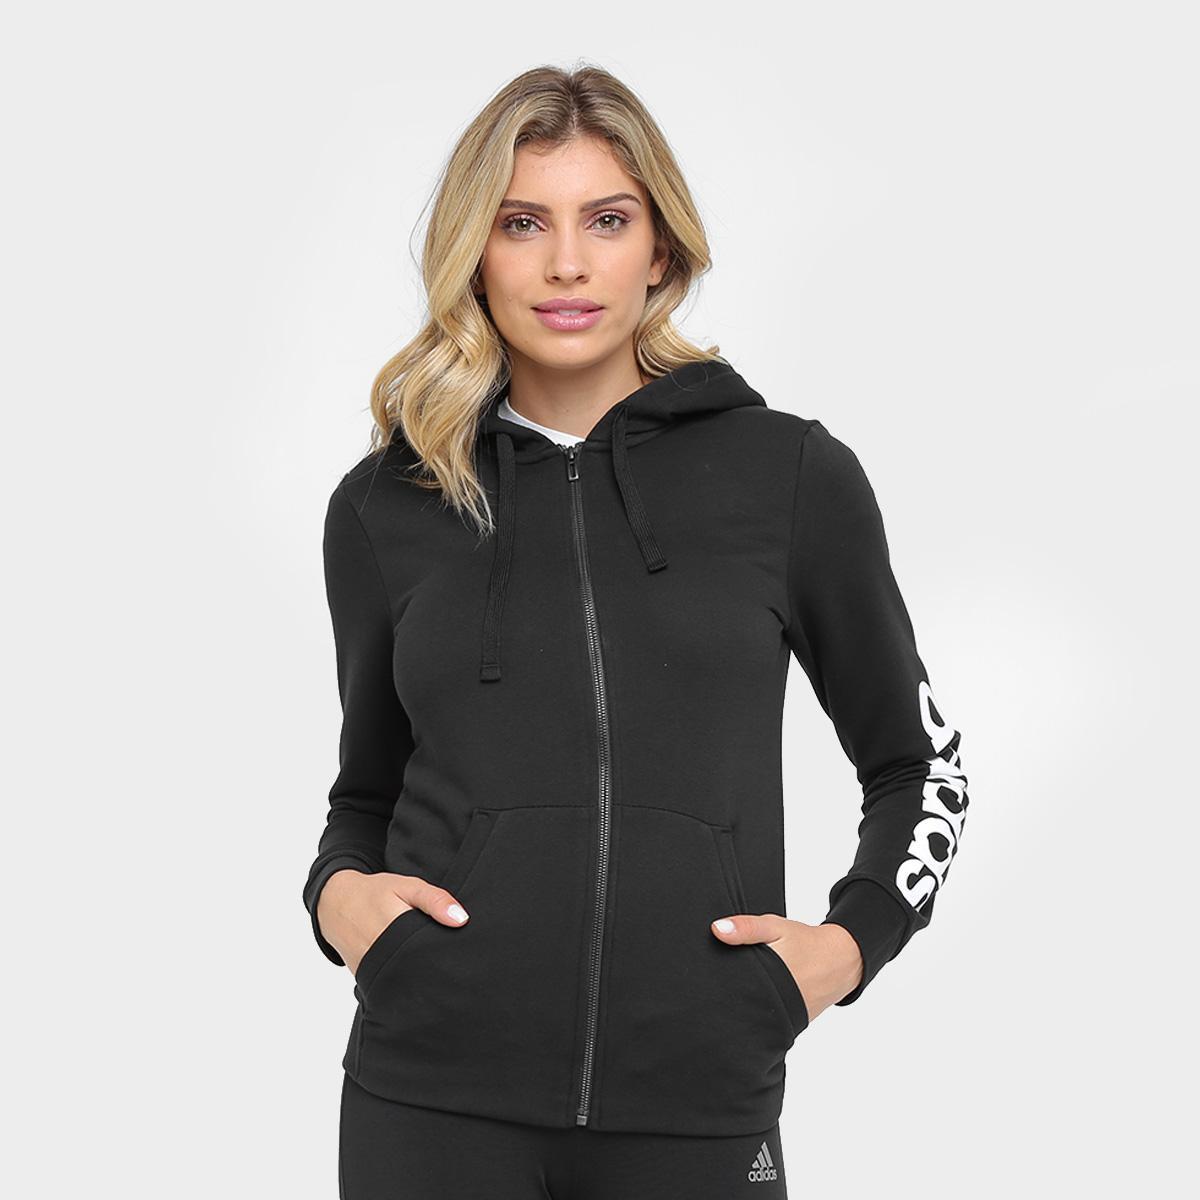 7976fb3a3f1 Moletom Adidas Essentials Linear Fullzip Feminino - Compre Agora ...